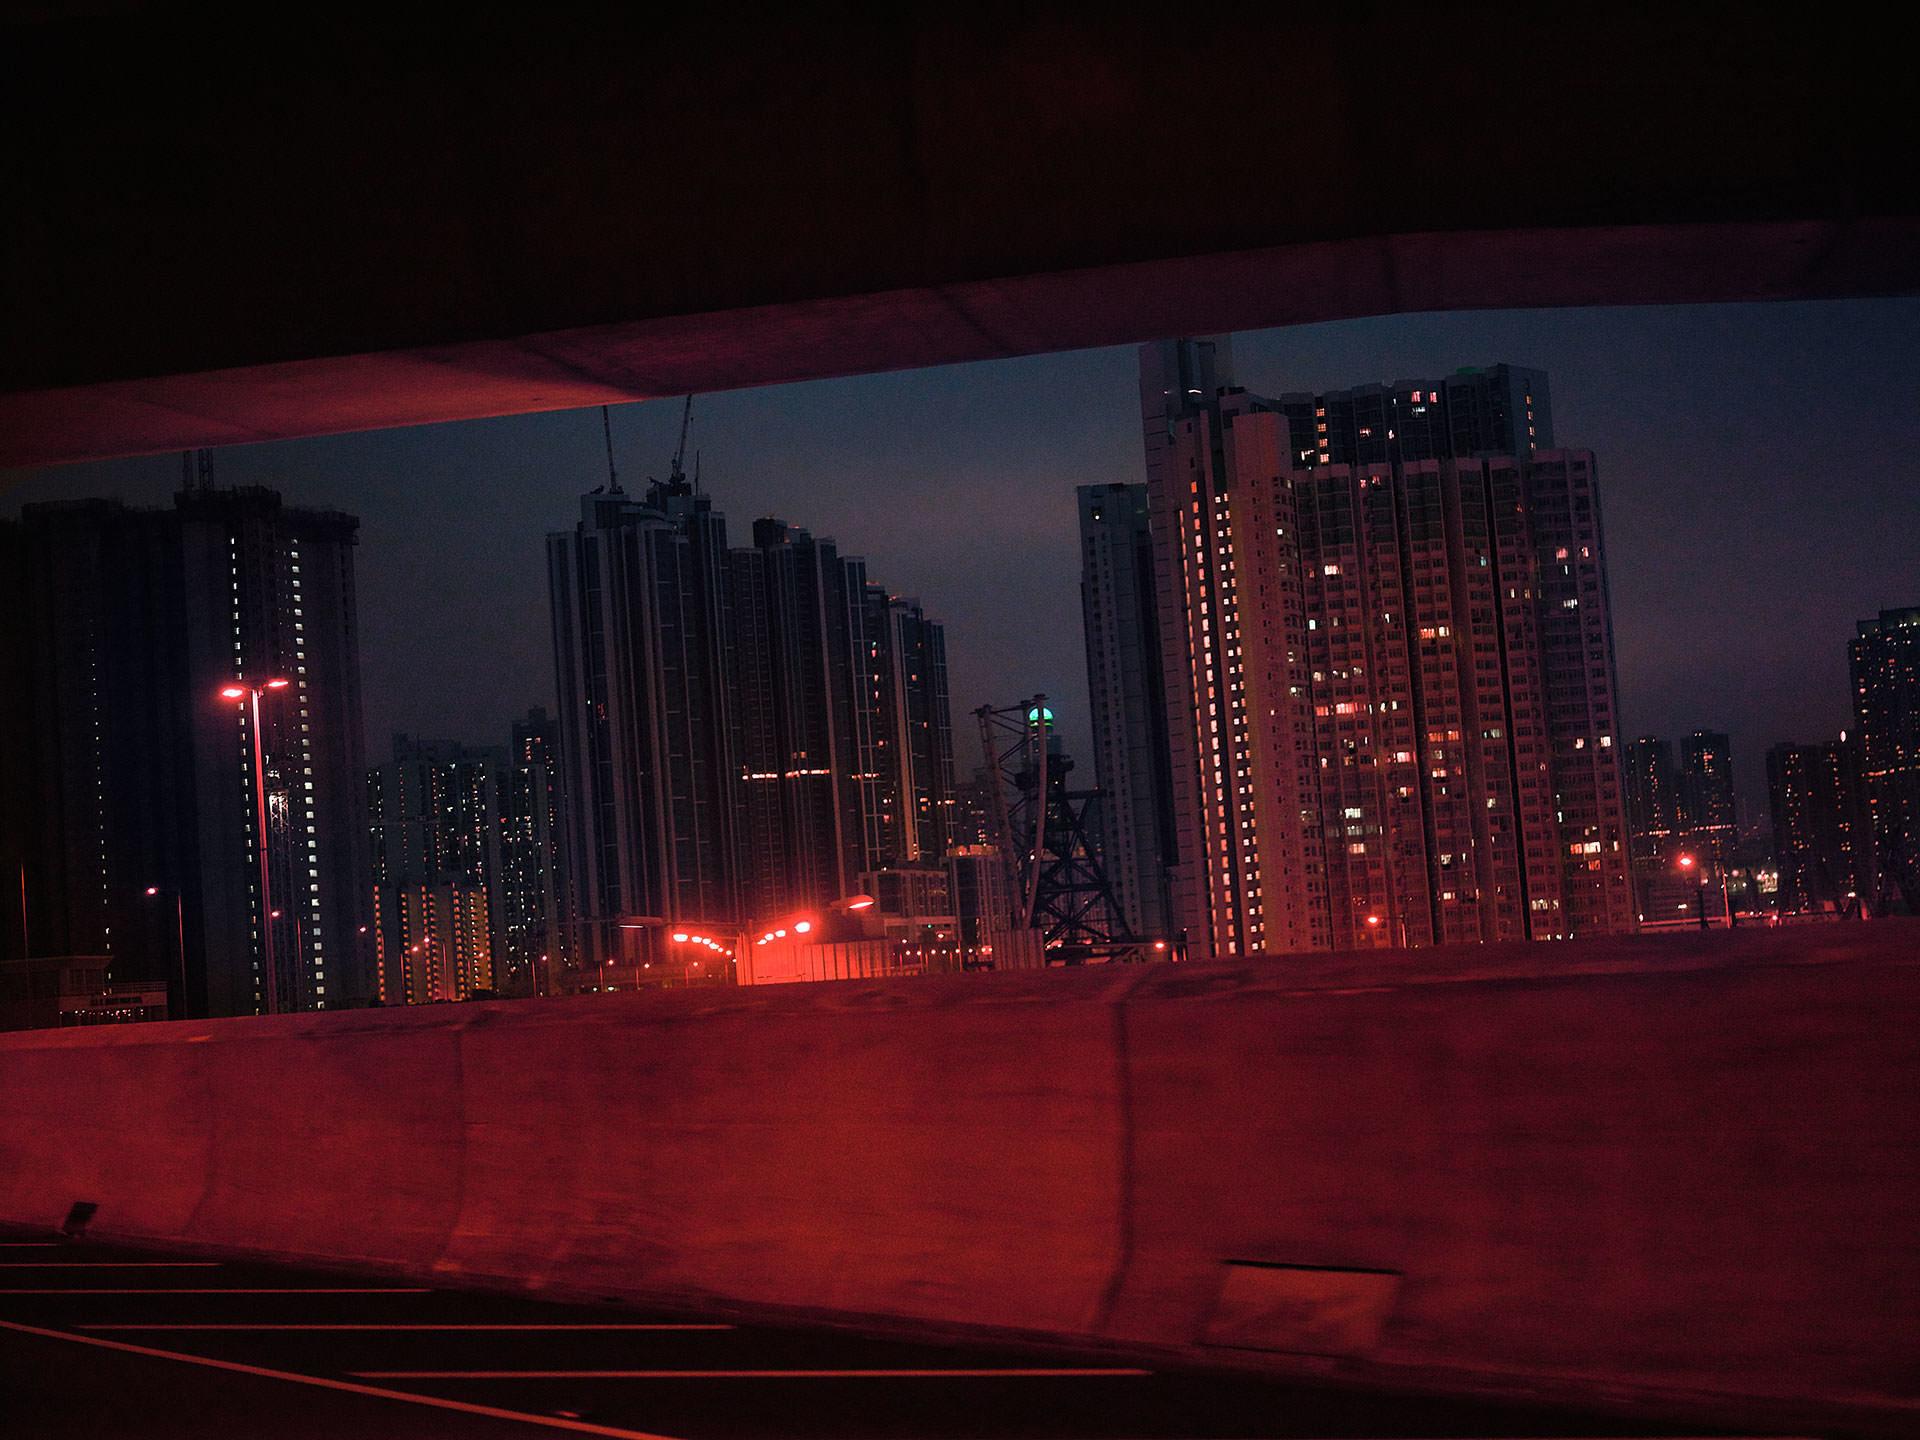 ANKE LUCKMANN - HK MOODS